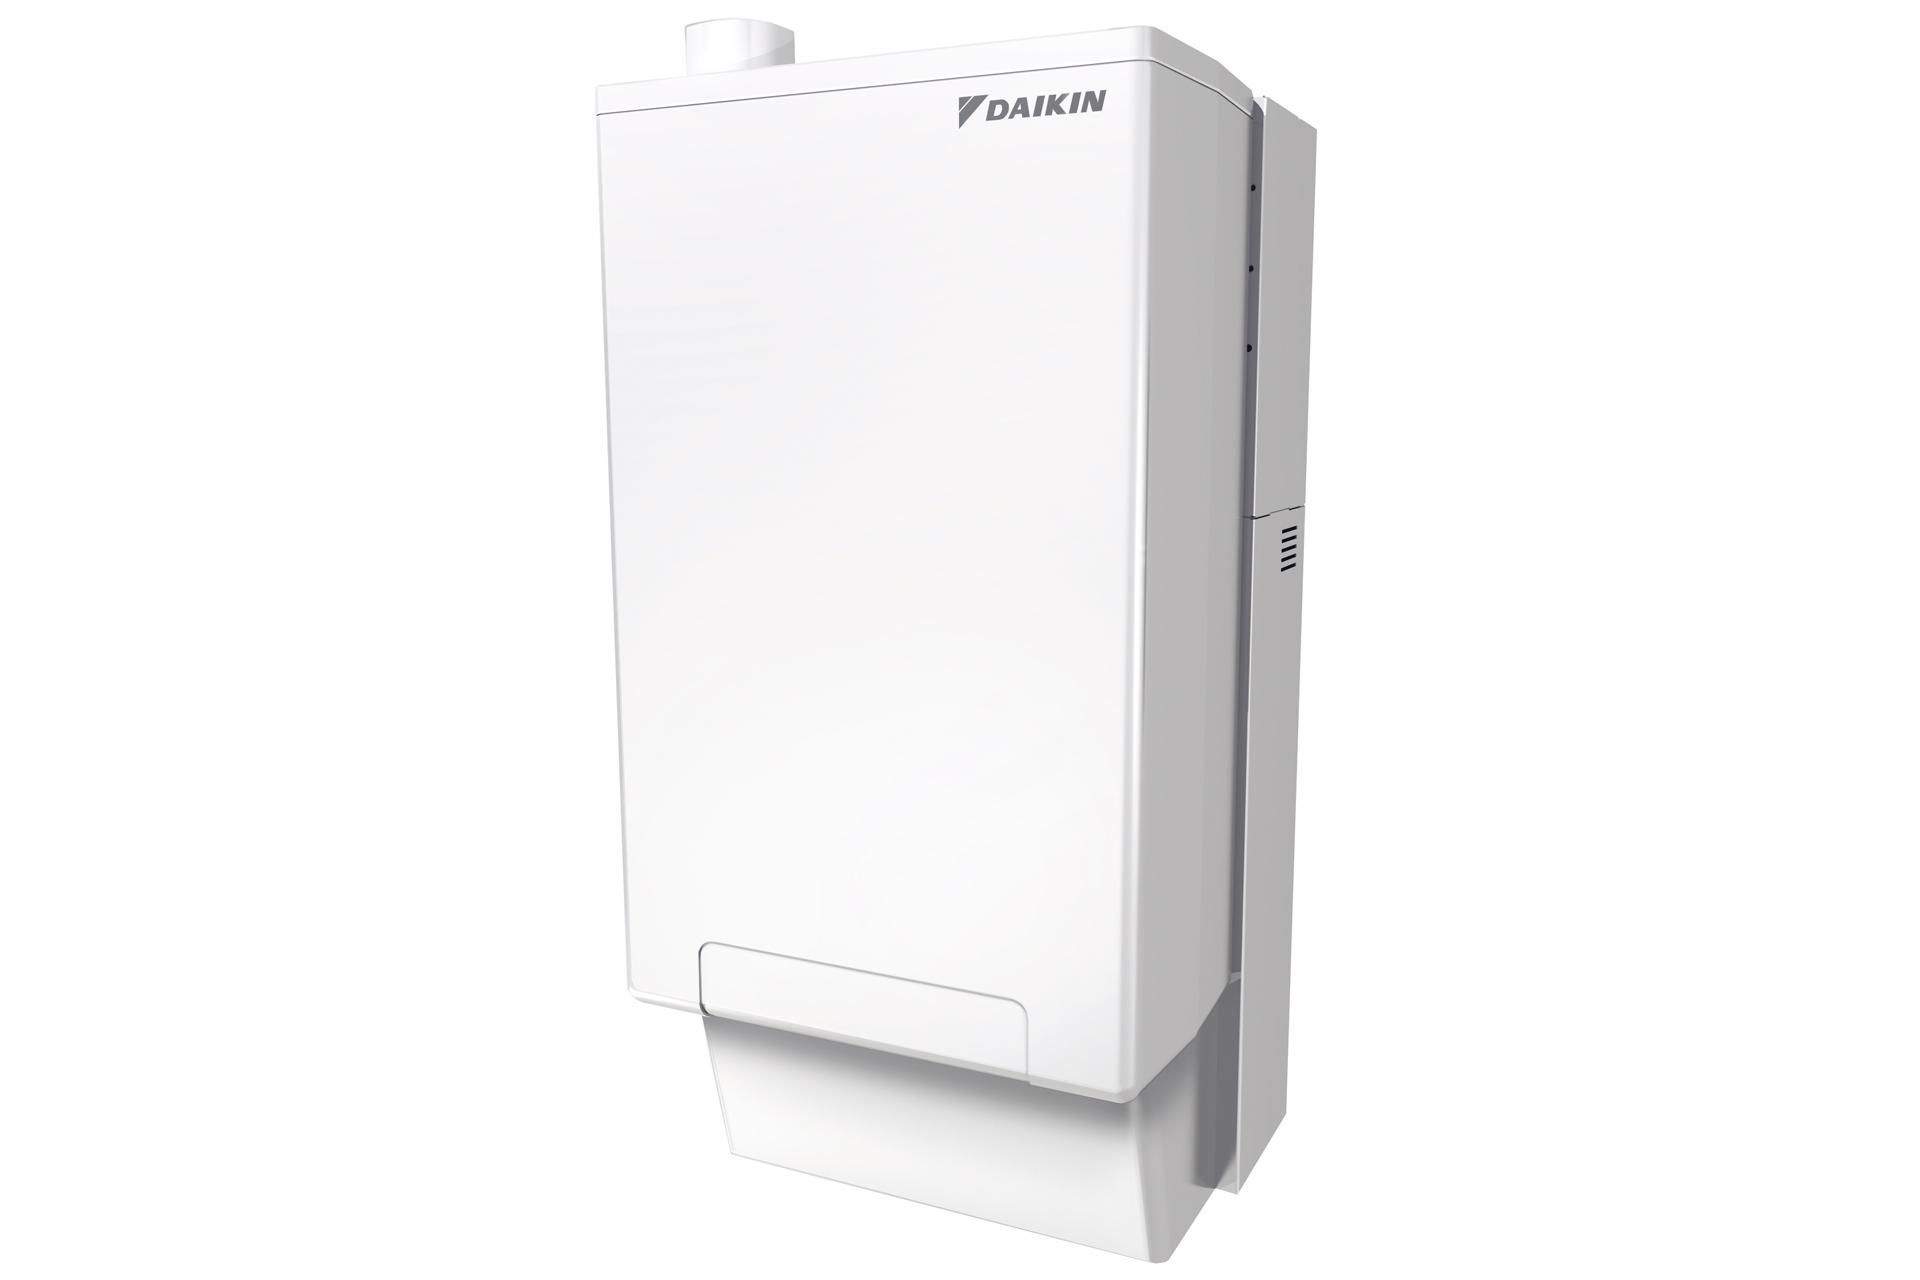 Wärmepumpen - Hybrid-Wärmepumpe